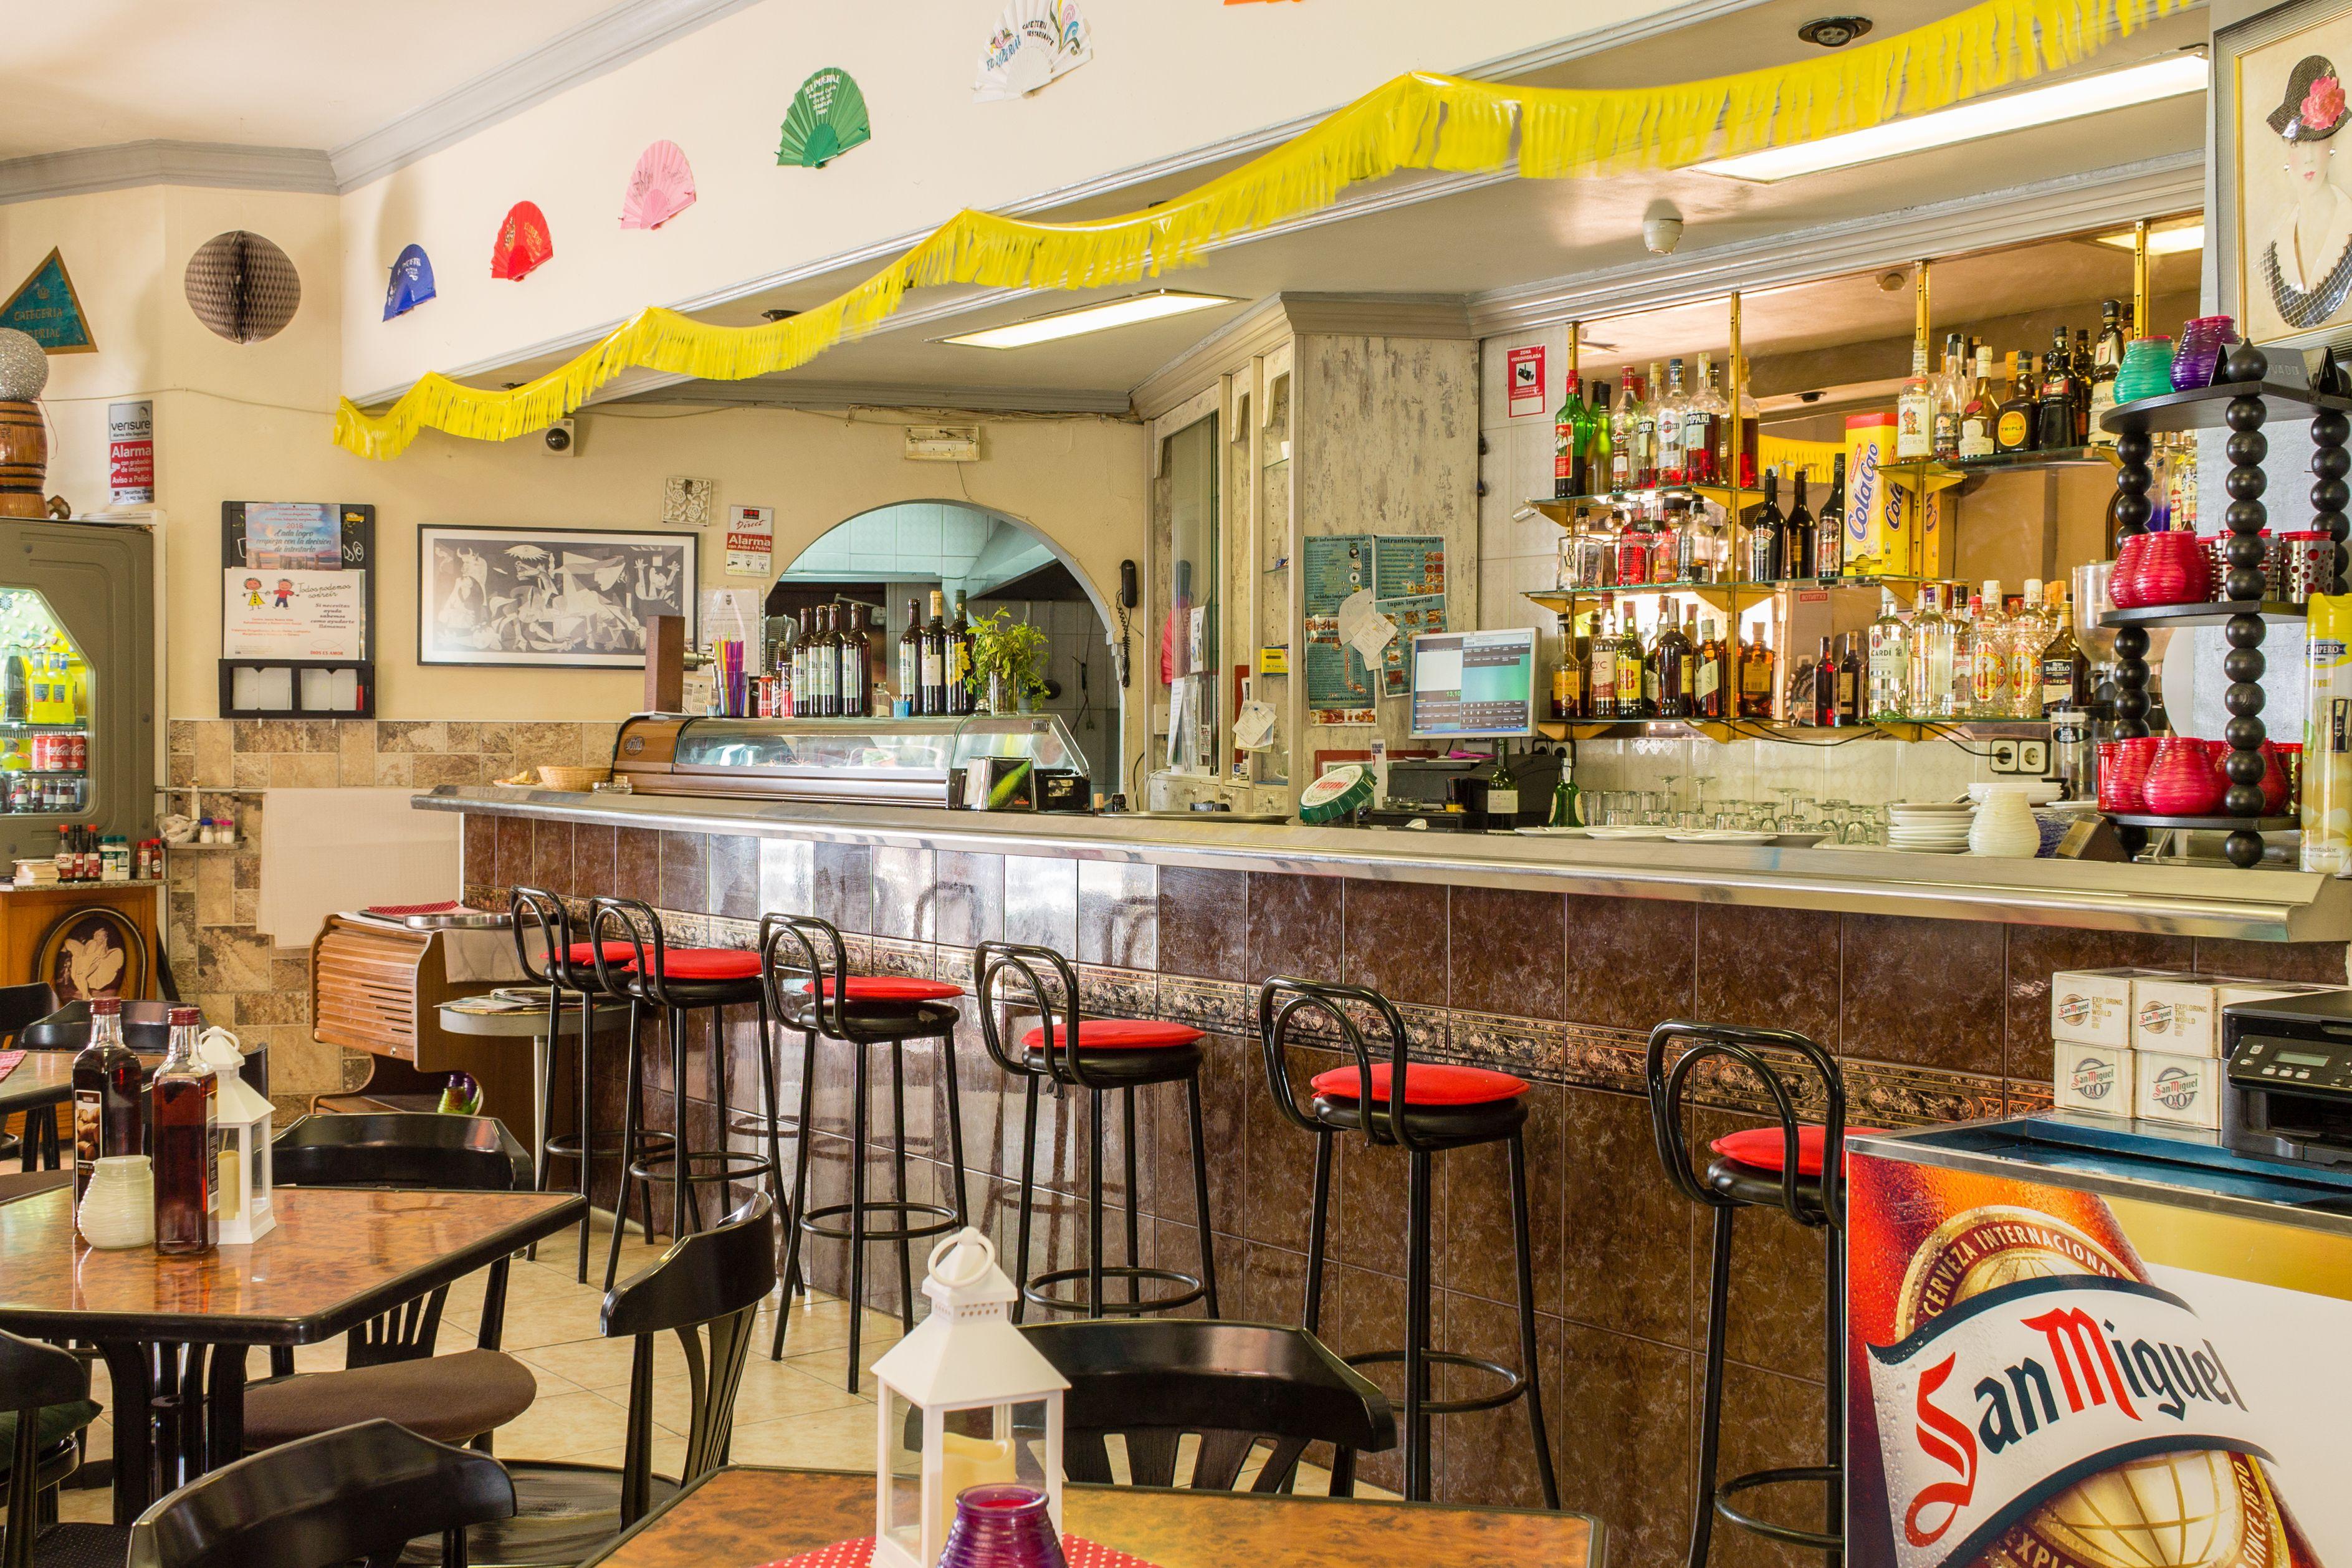 Zona de Barra del Restaurante Imperial